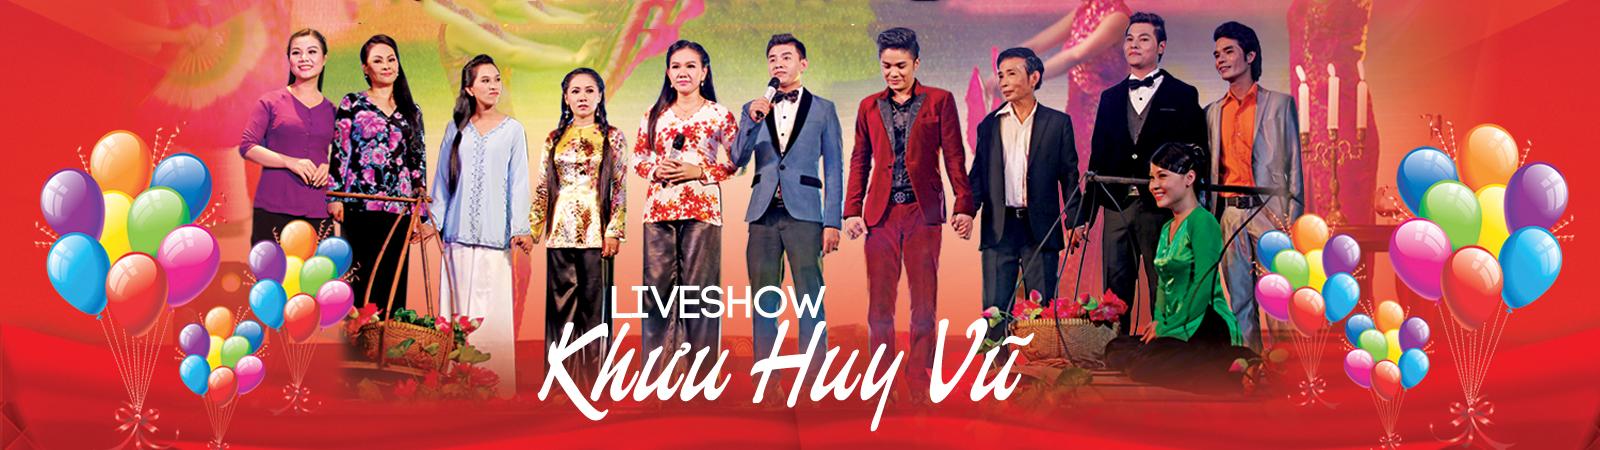 Khưu Huy Vũ - Liveshow Trái Tim Nghệ Sĩ